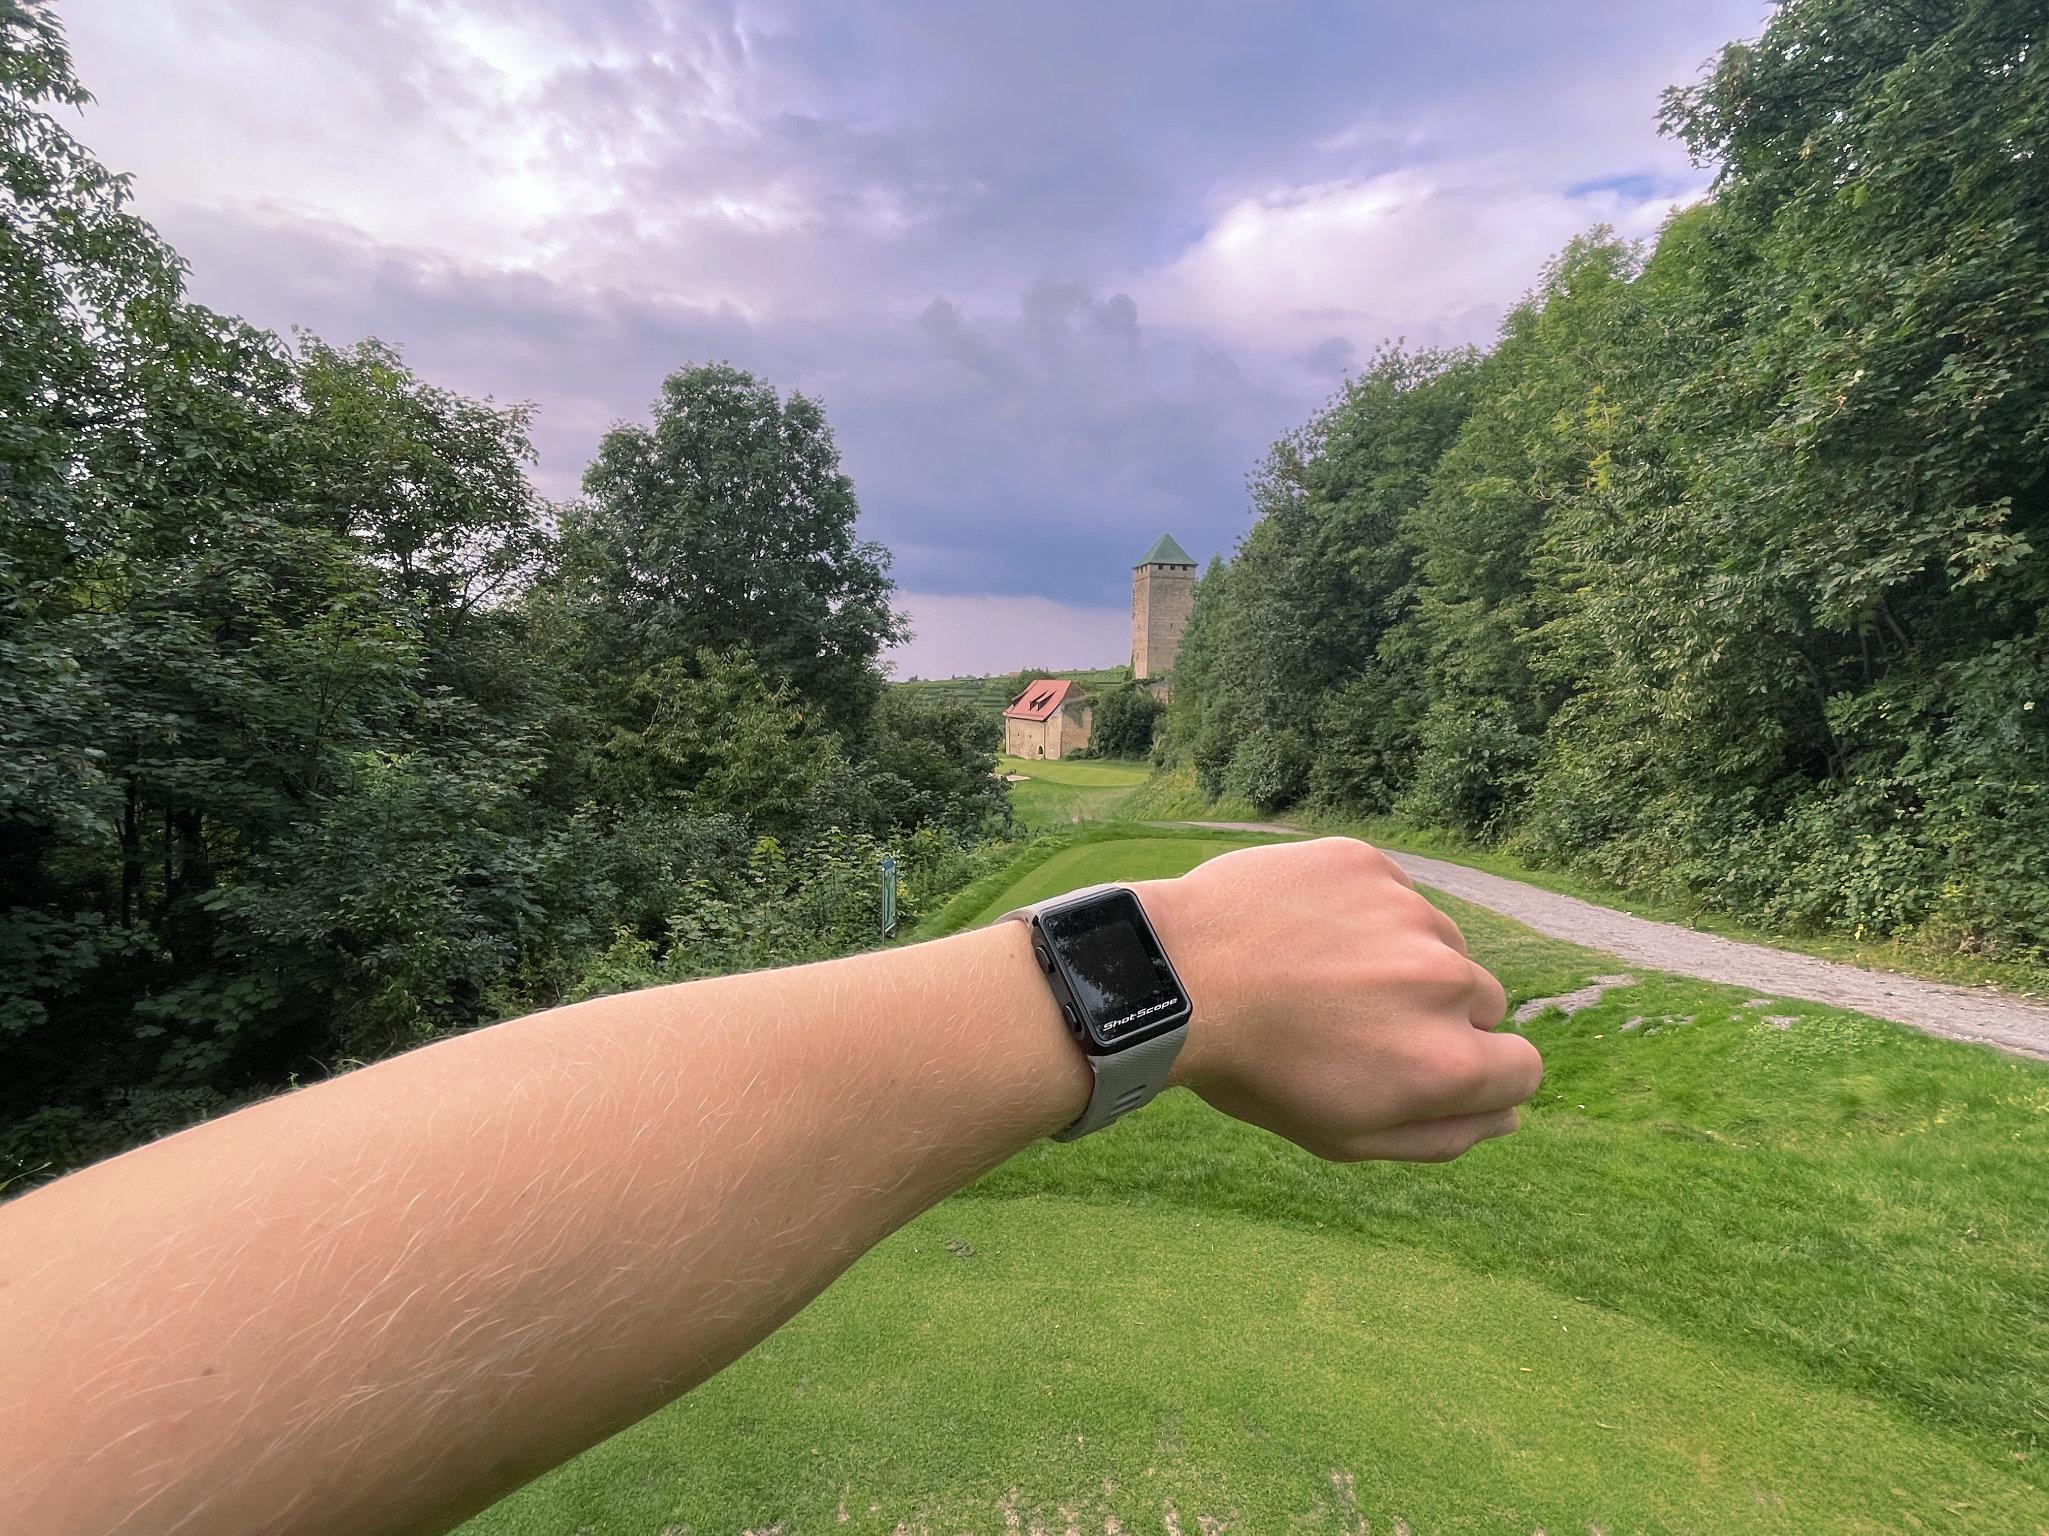 Golf Entfernungsmesser Uhr